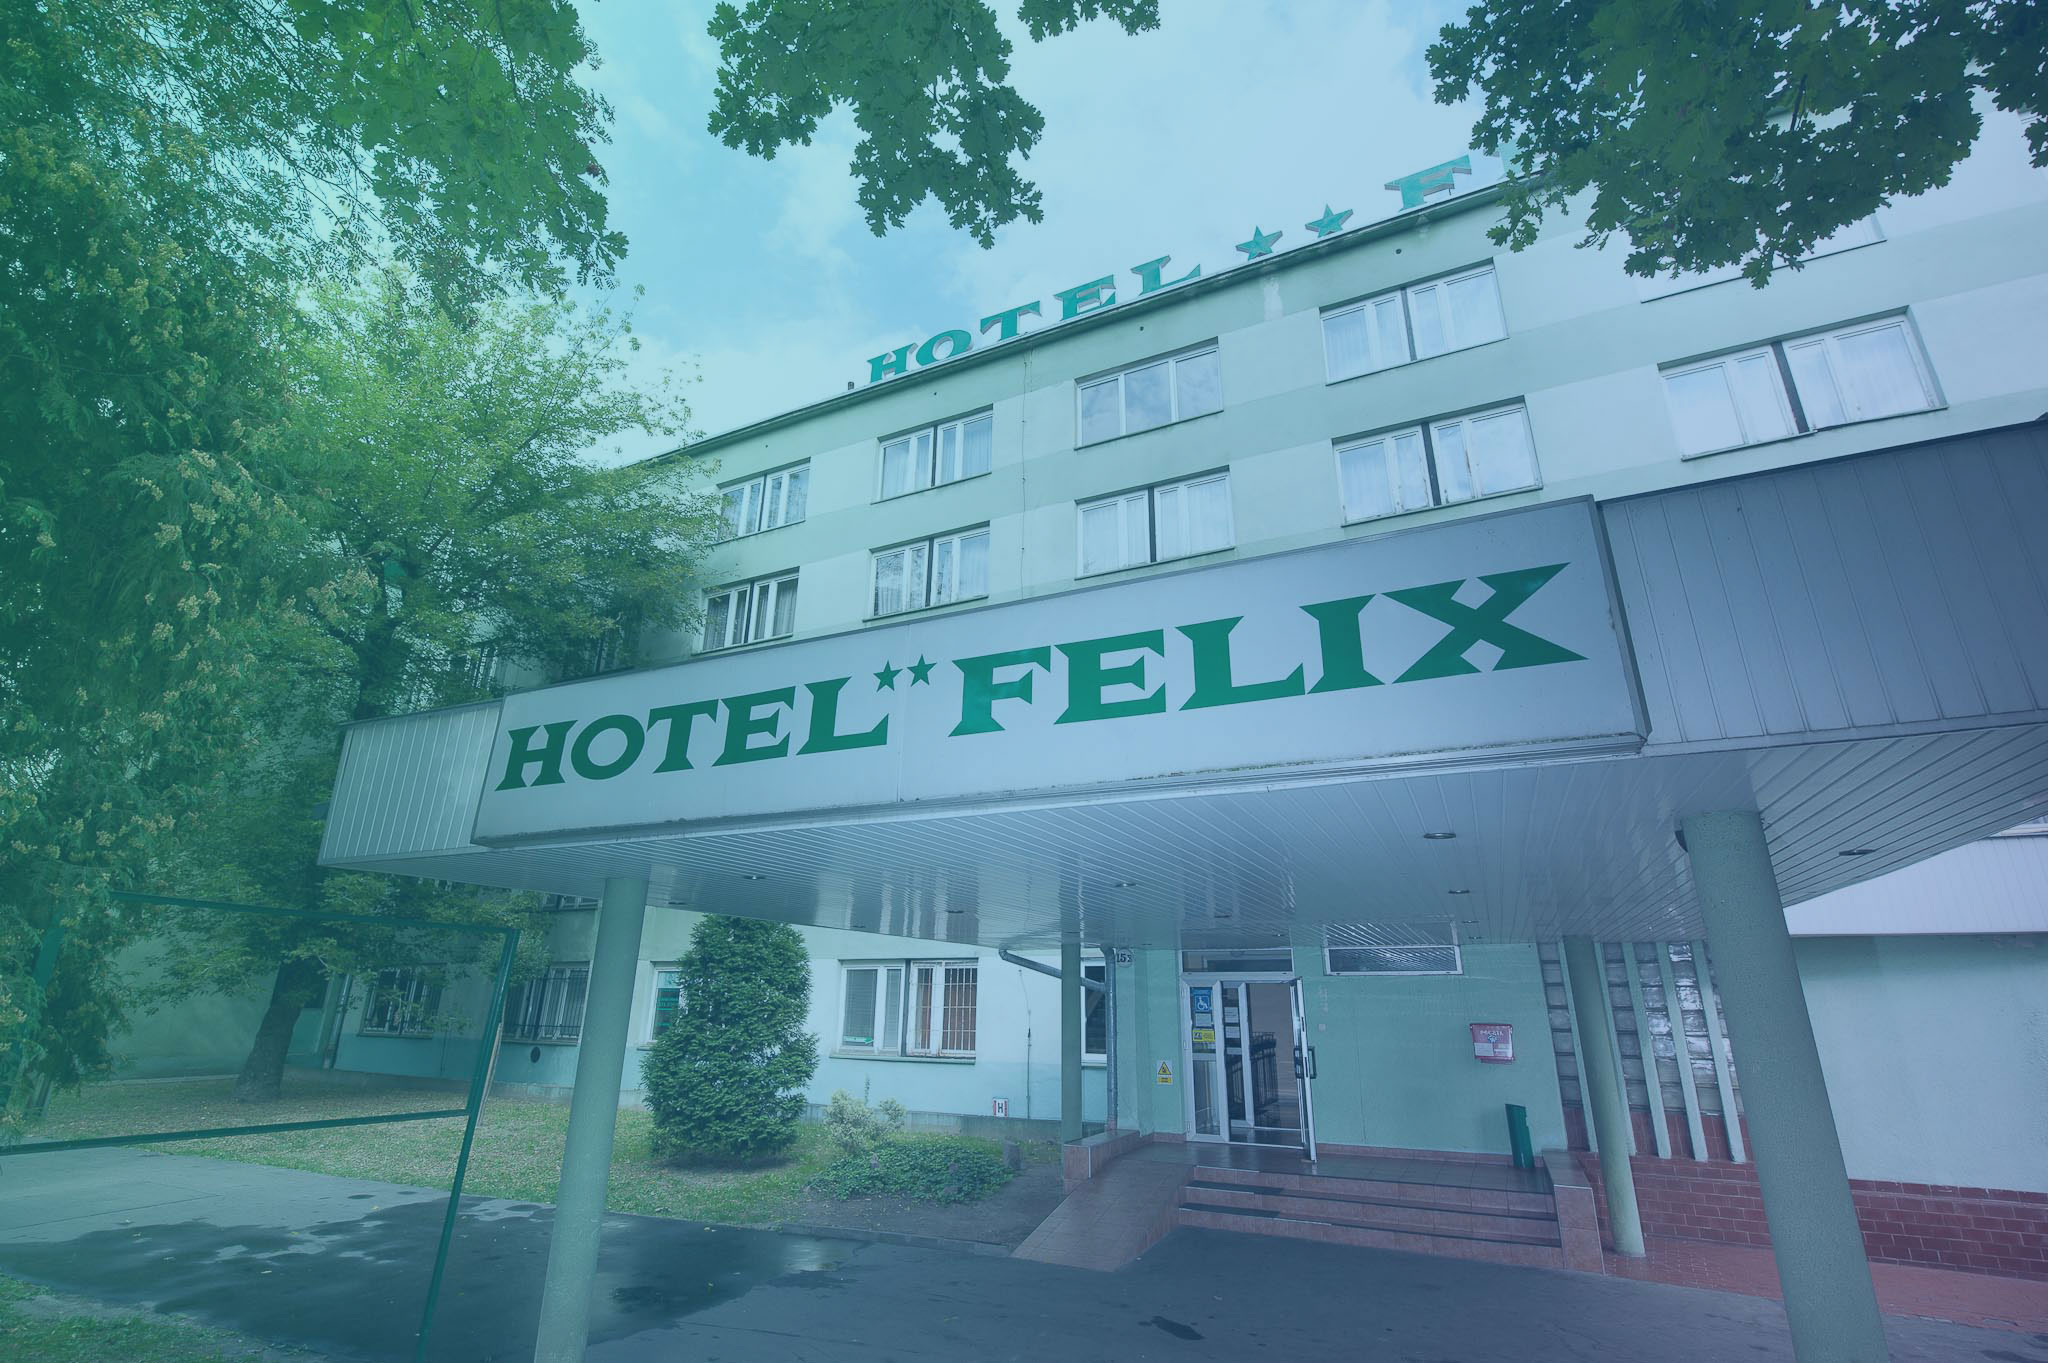 Zdjęcie przedstawiające wejście do hotelu felix